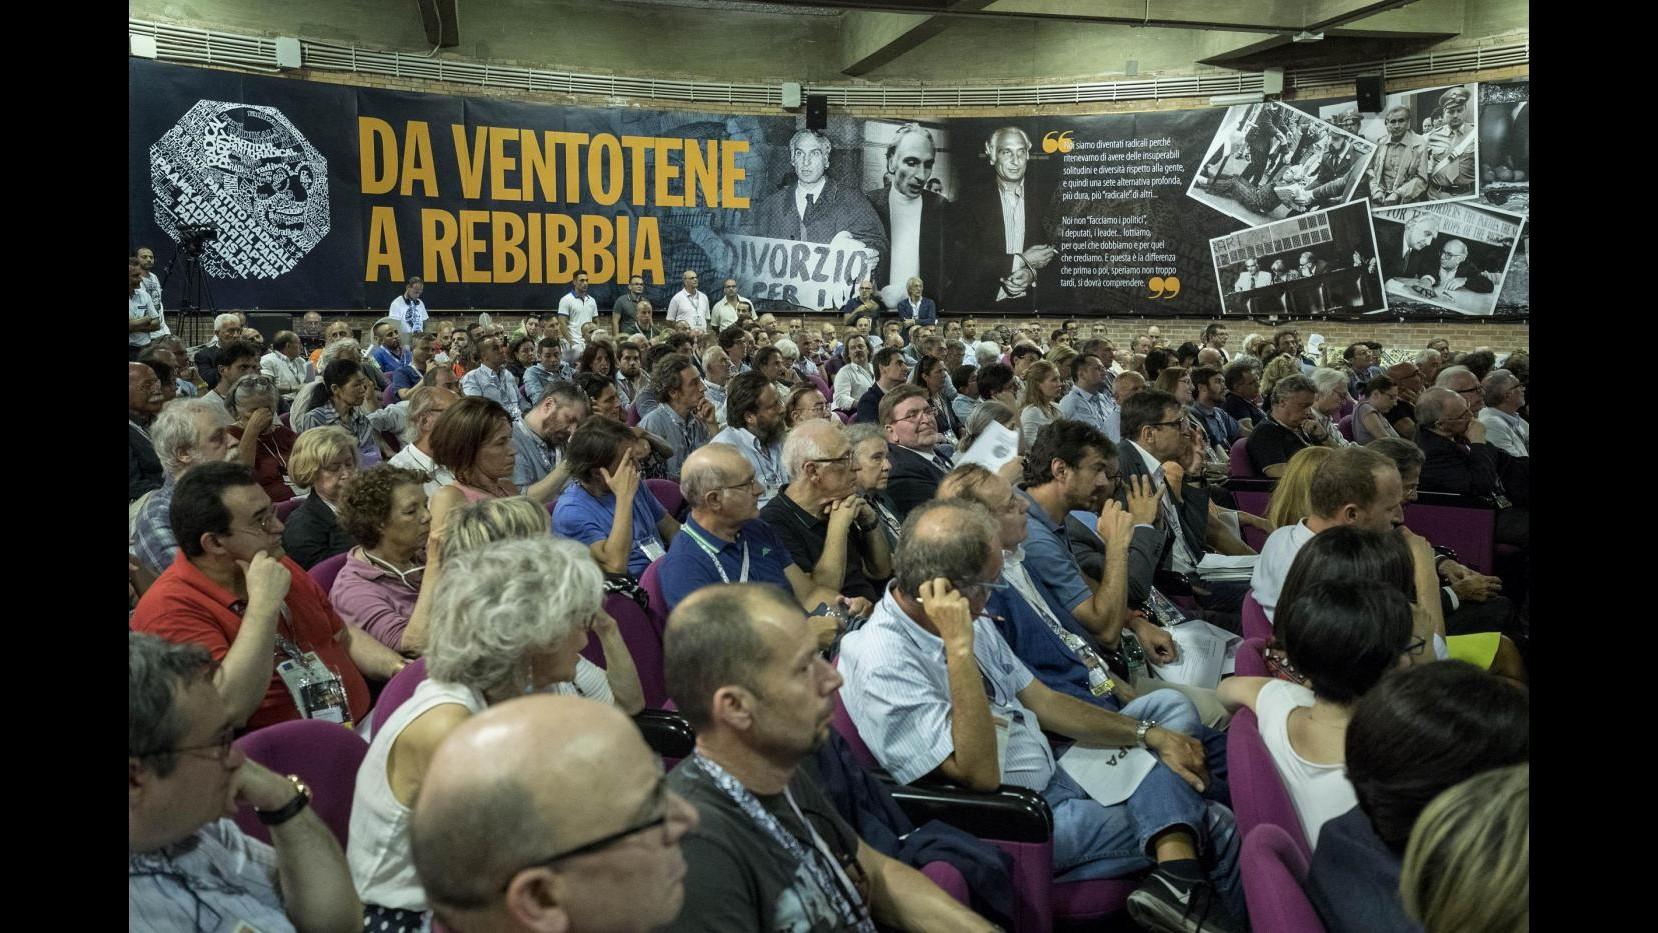 FOTO Rebibbia, congresso Straordinario del Partito Radicale